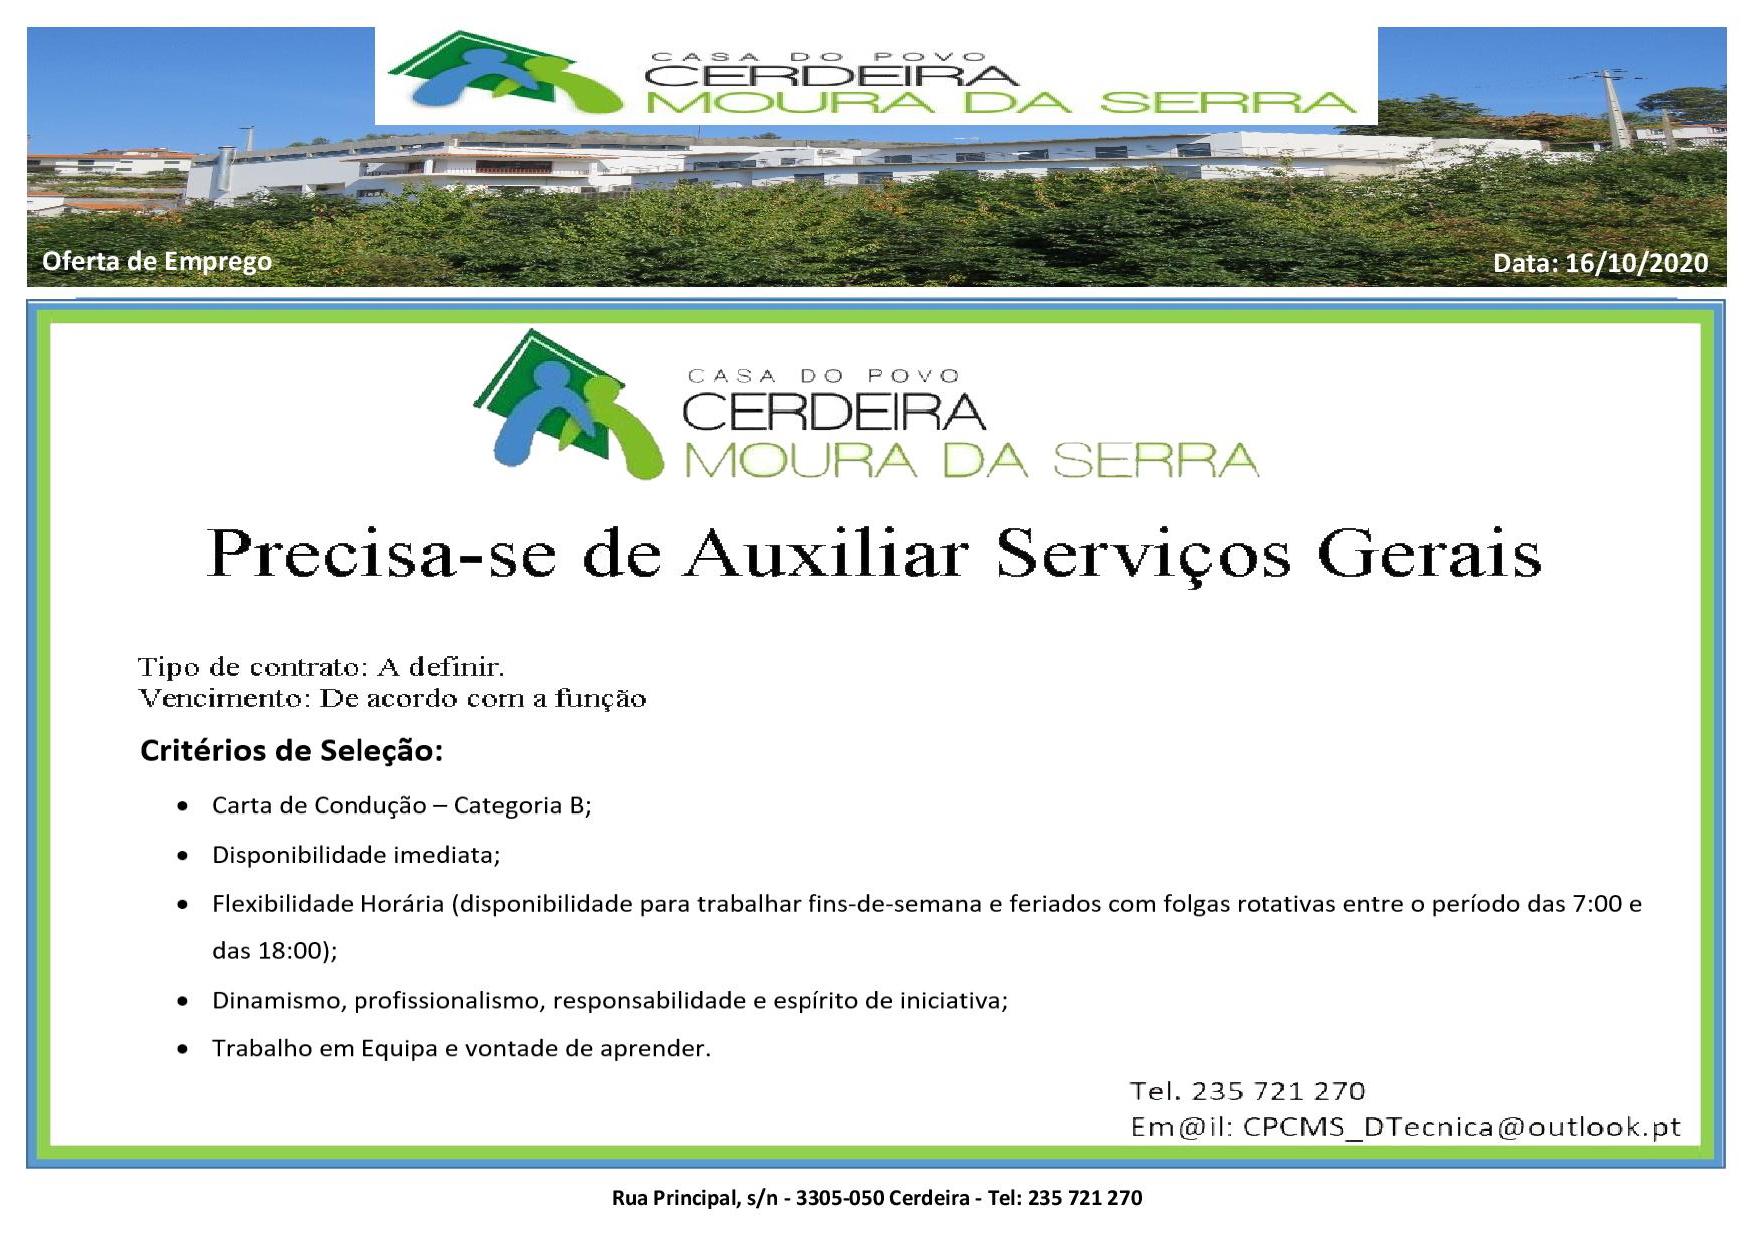 Casa do Povo de Cerdeira e Moura da Serra, I.P.S.S. – Oferta de Emprego em 16/10/2020